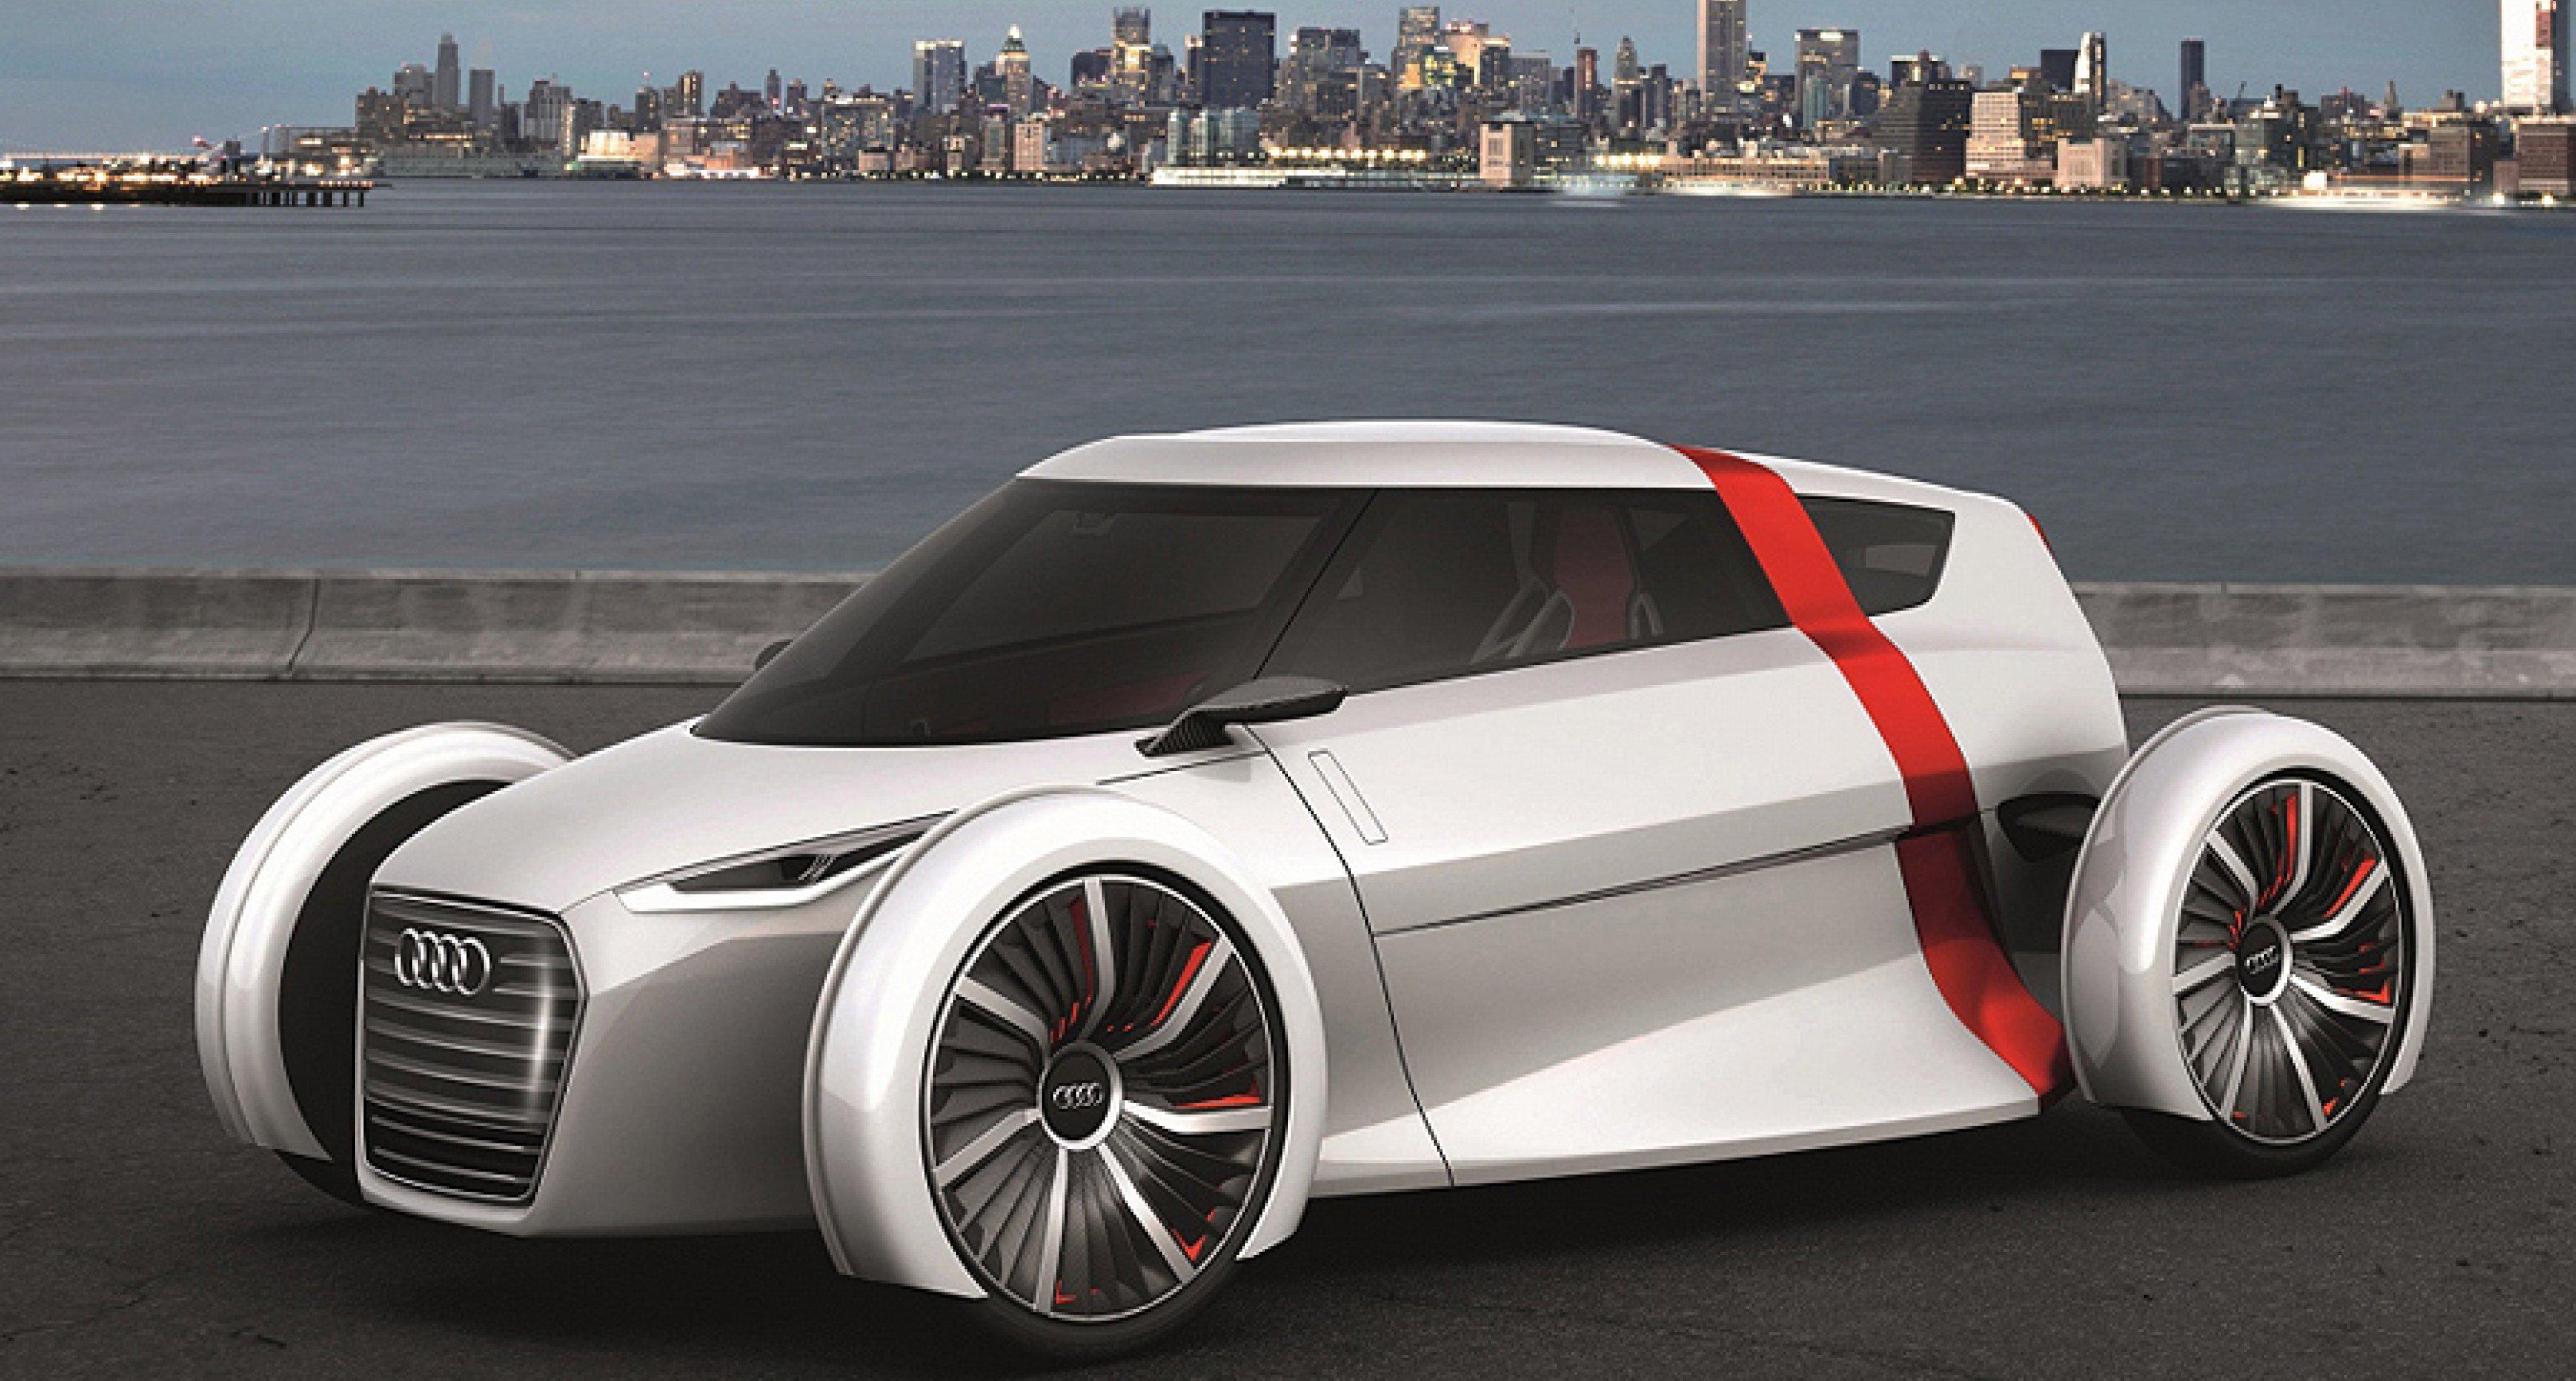 Audi Urban Concept Spyder: Sonnenbad in der Stadt